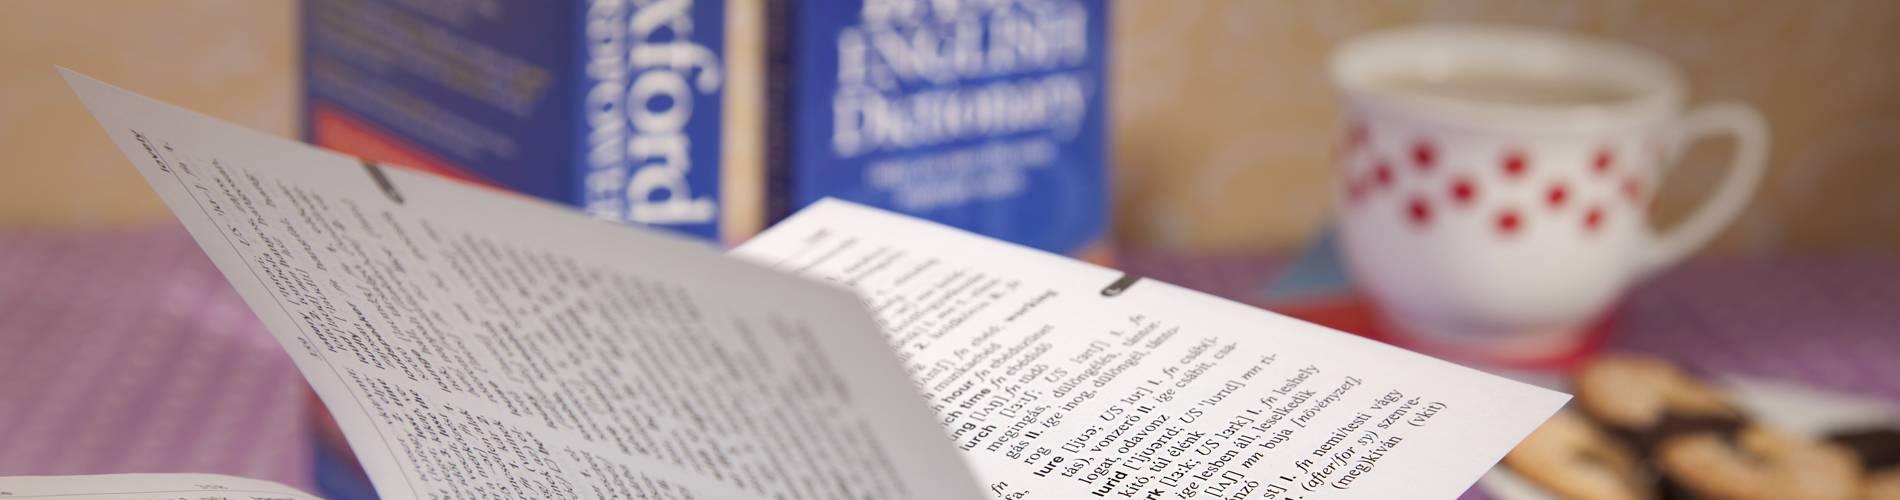 Nyelvtanfolyamok Budapesten - angol szótár - Babilon Nyelvstúdió